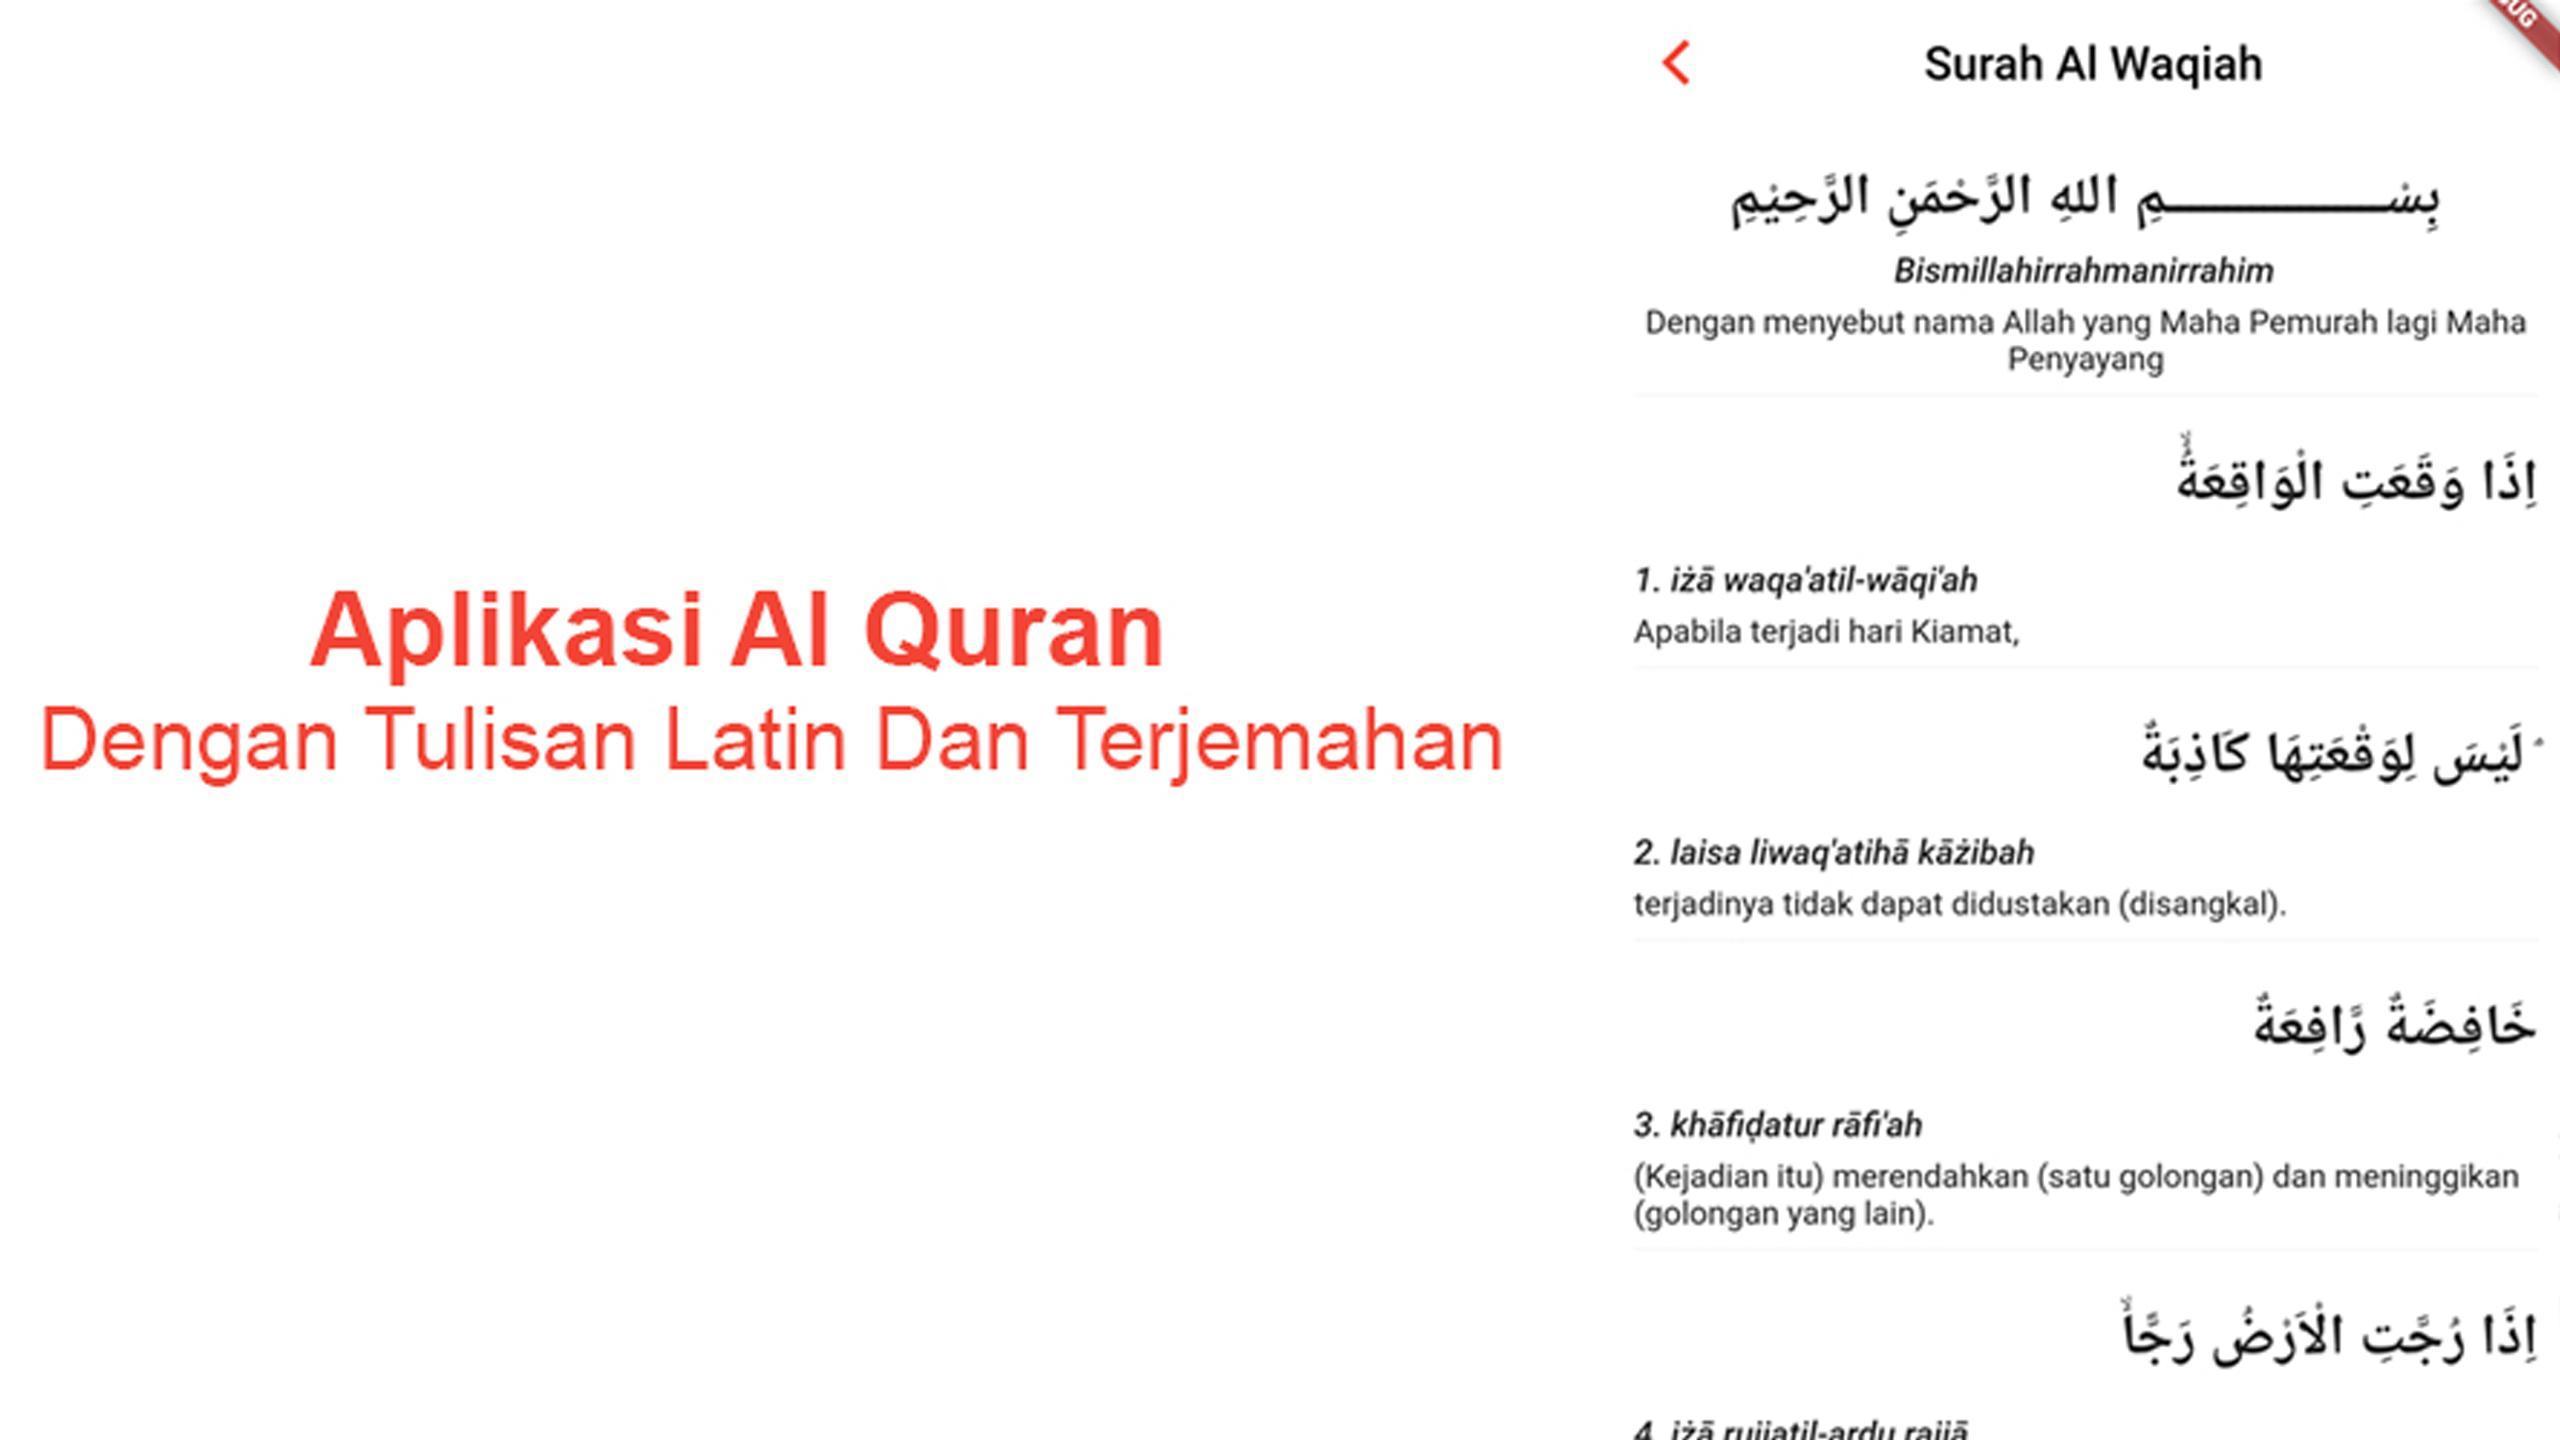 Al quran latin dan terjemahan for android apk download.